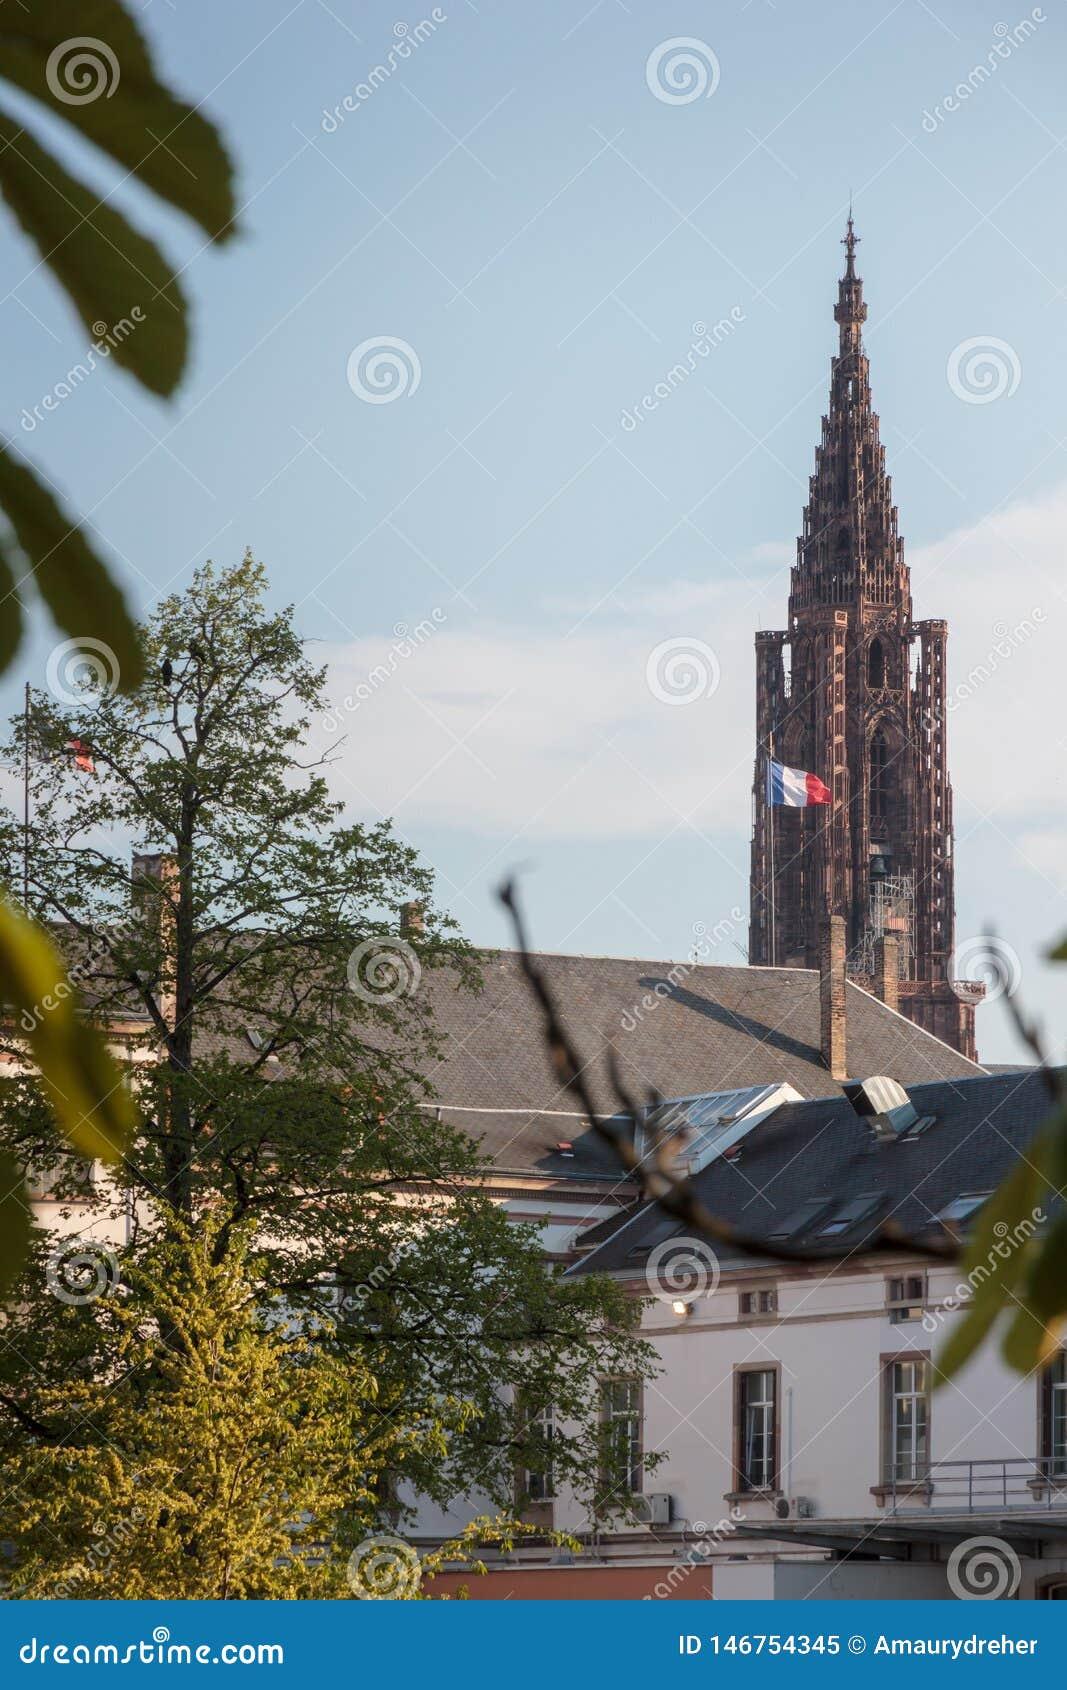 史特拉斯堡大教堂的距离视觉